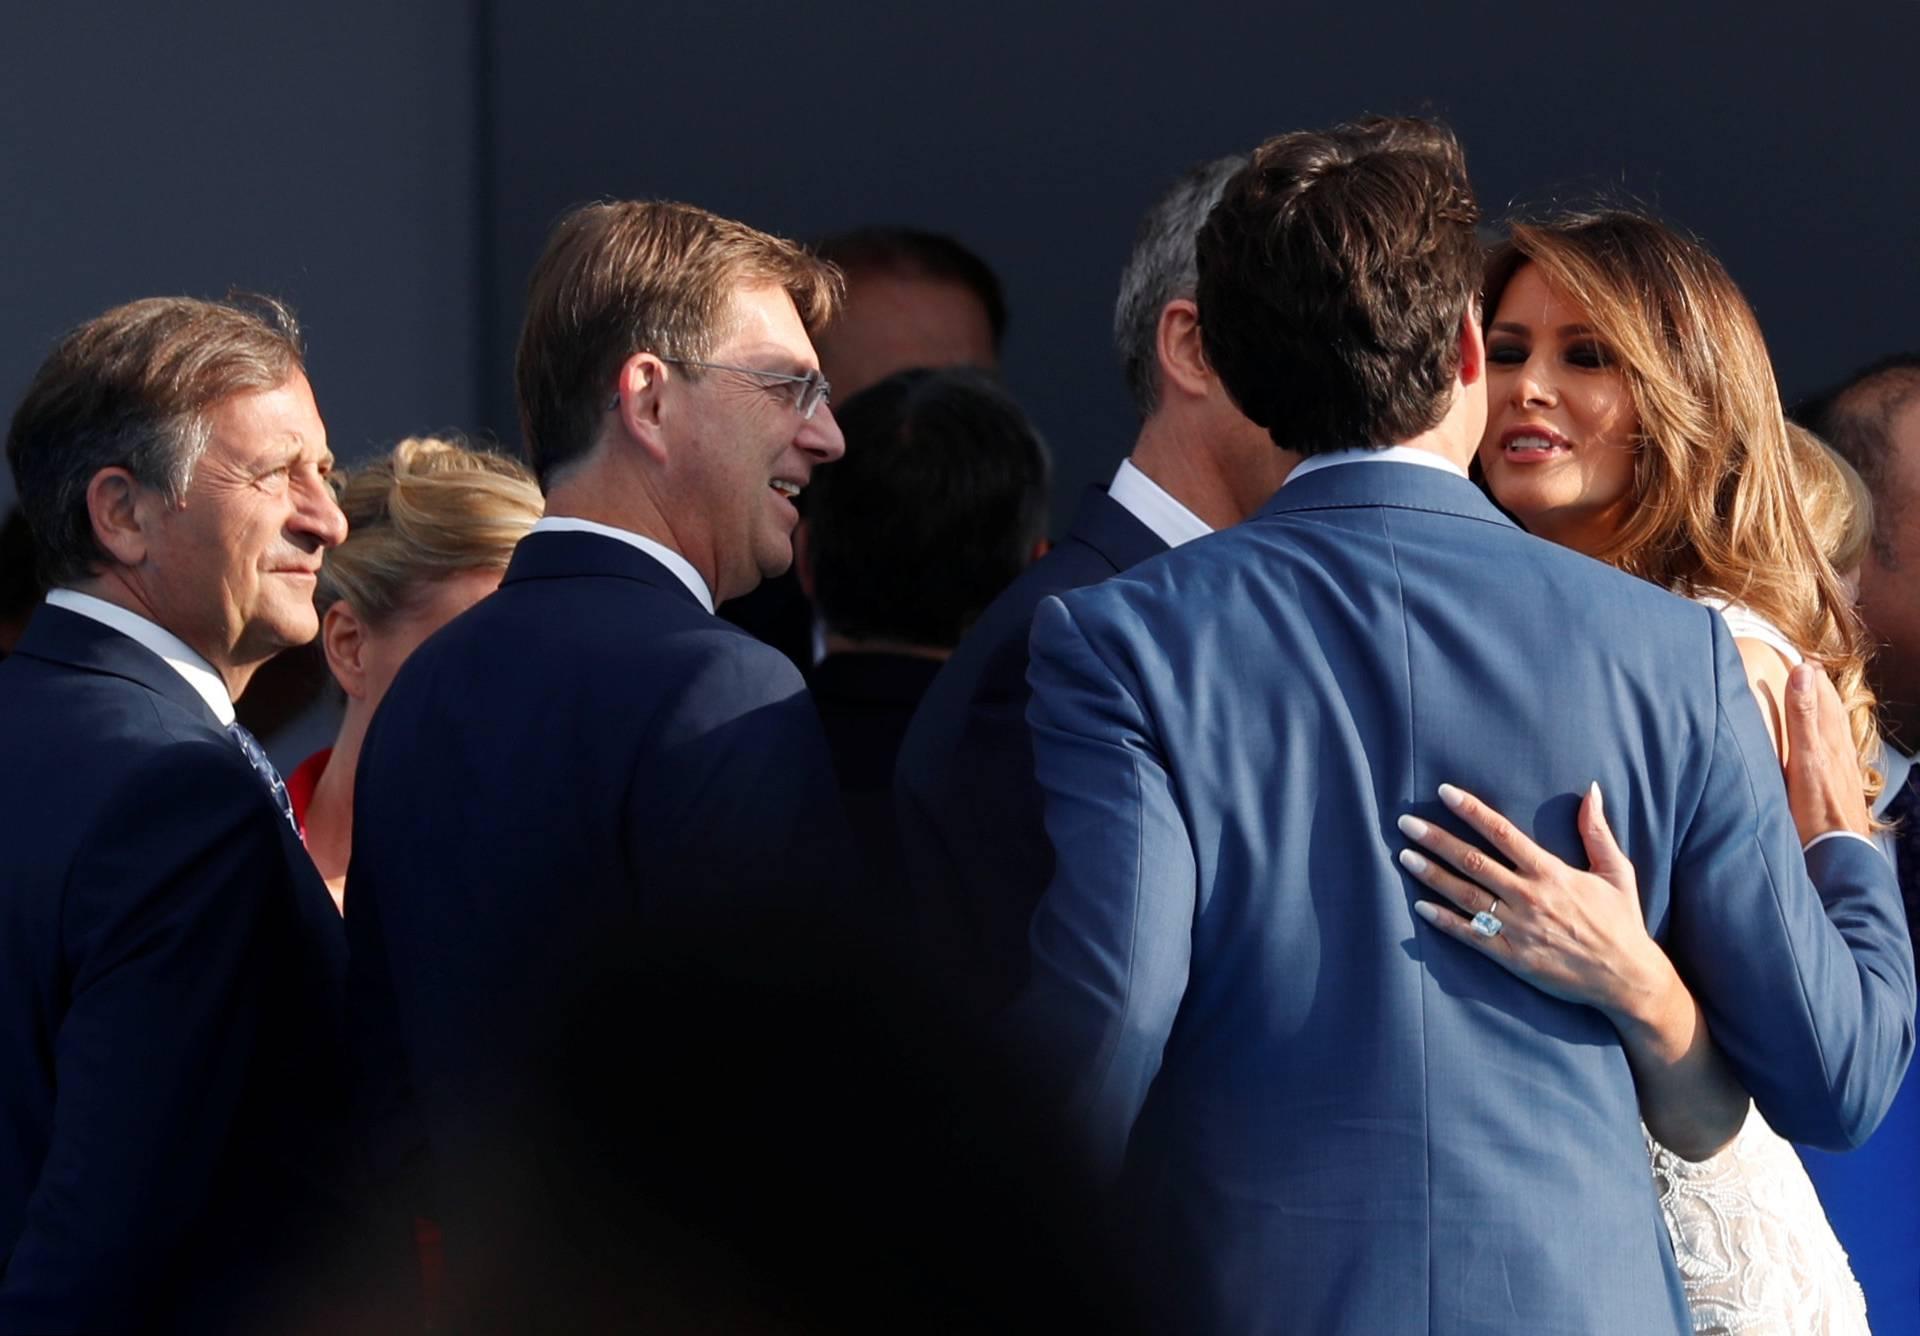 NATO Alliance Summit in Brussels